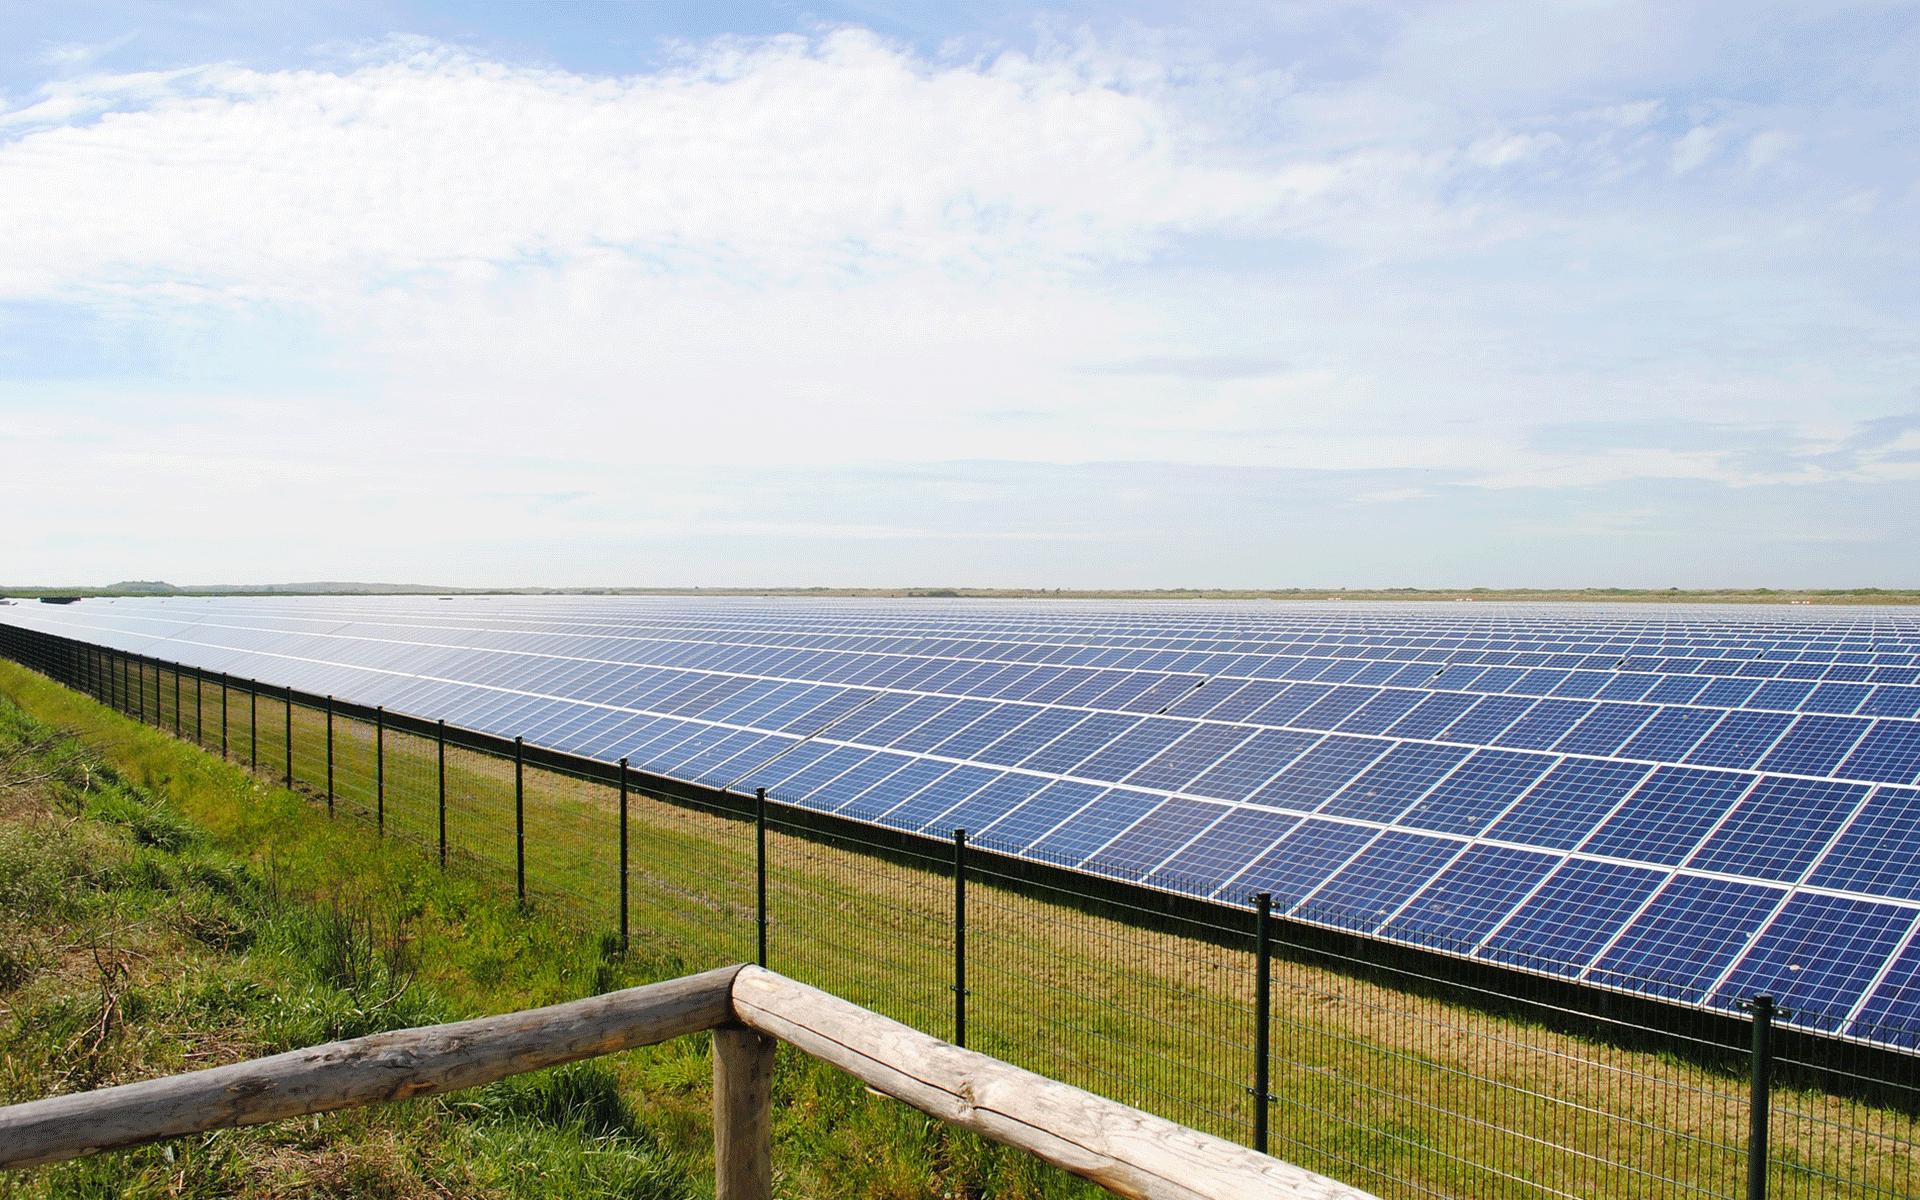 energia solare pannelli solari campo